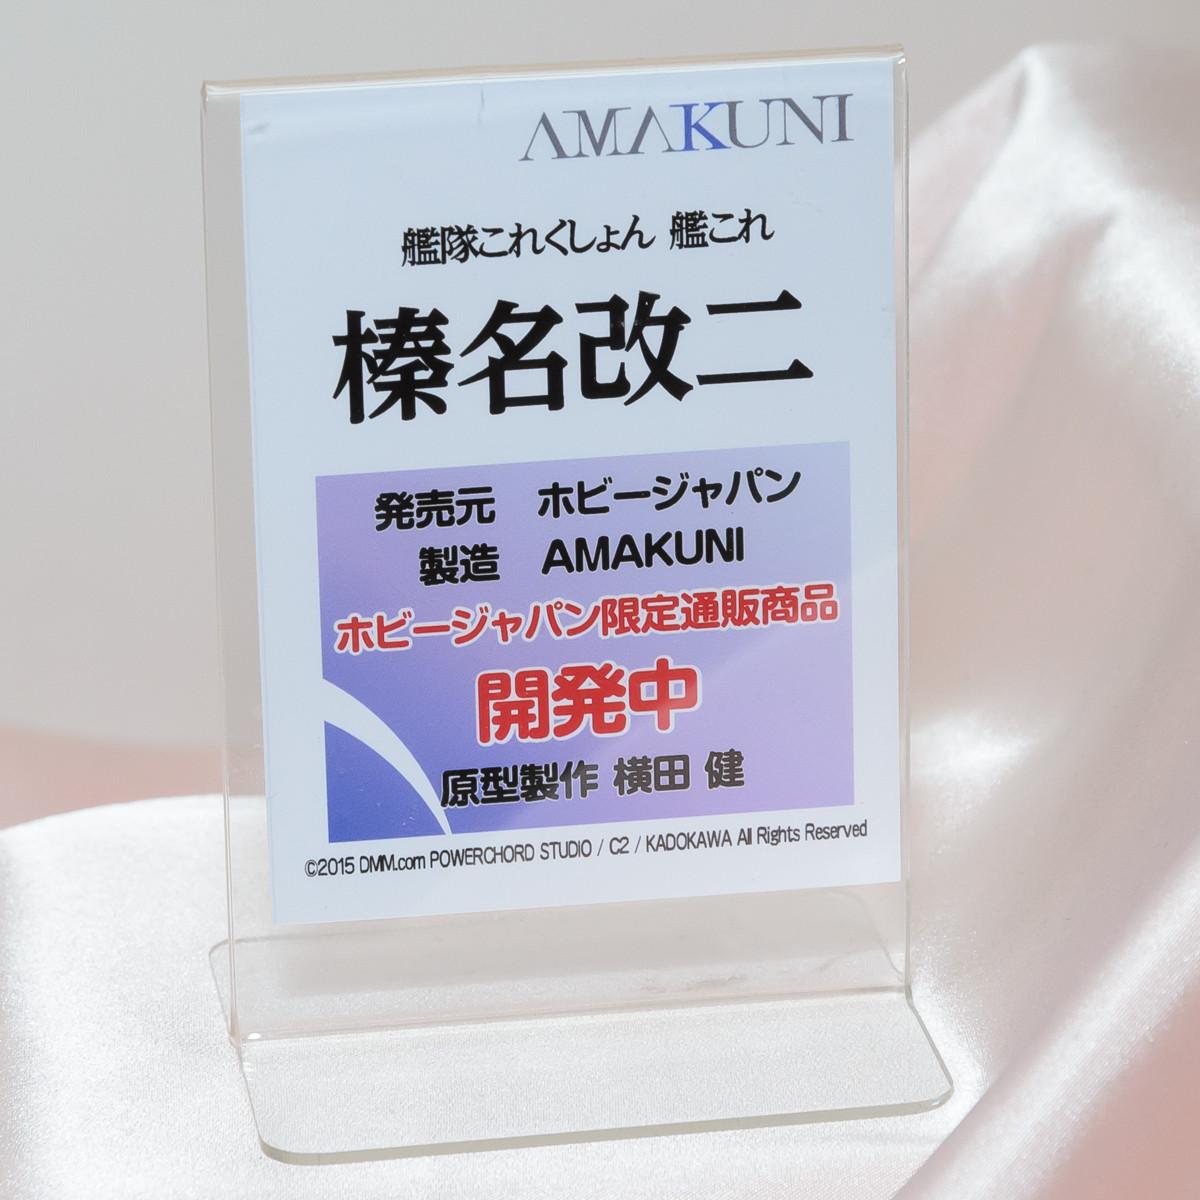 CH2015-AMA-005